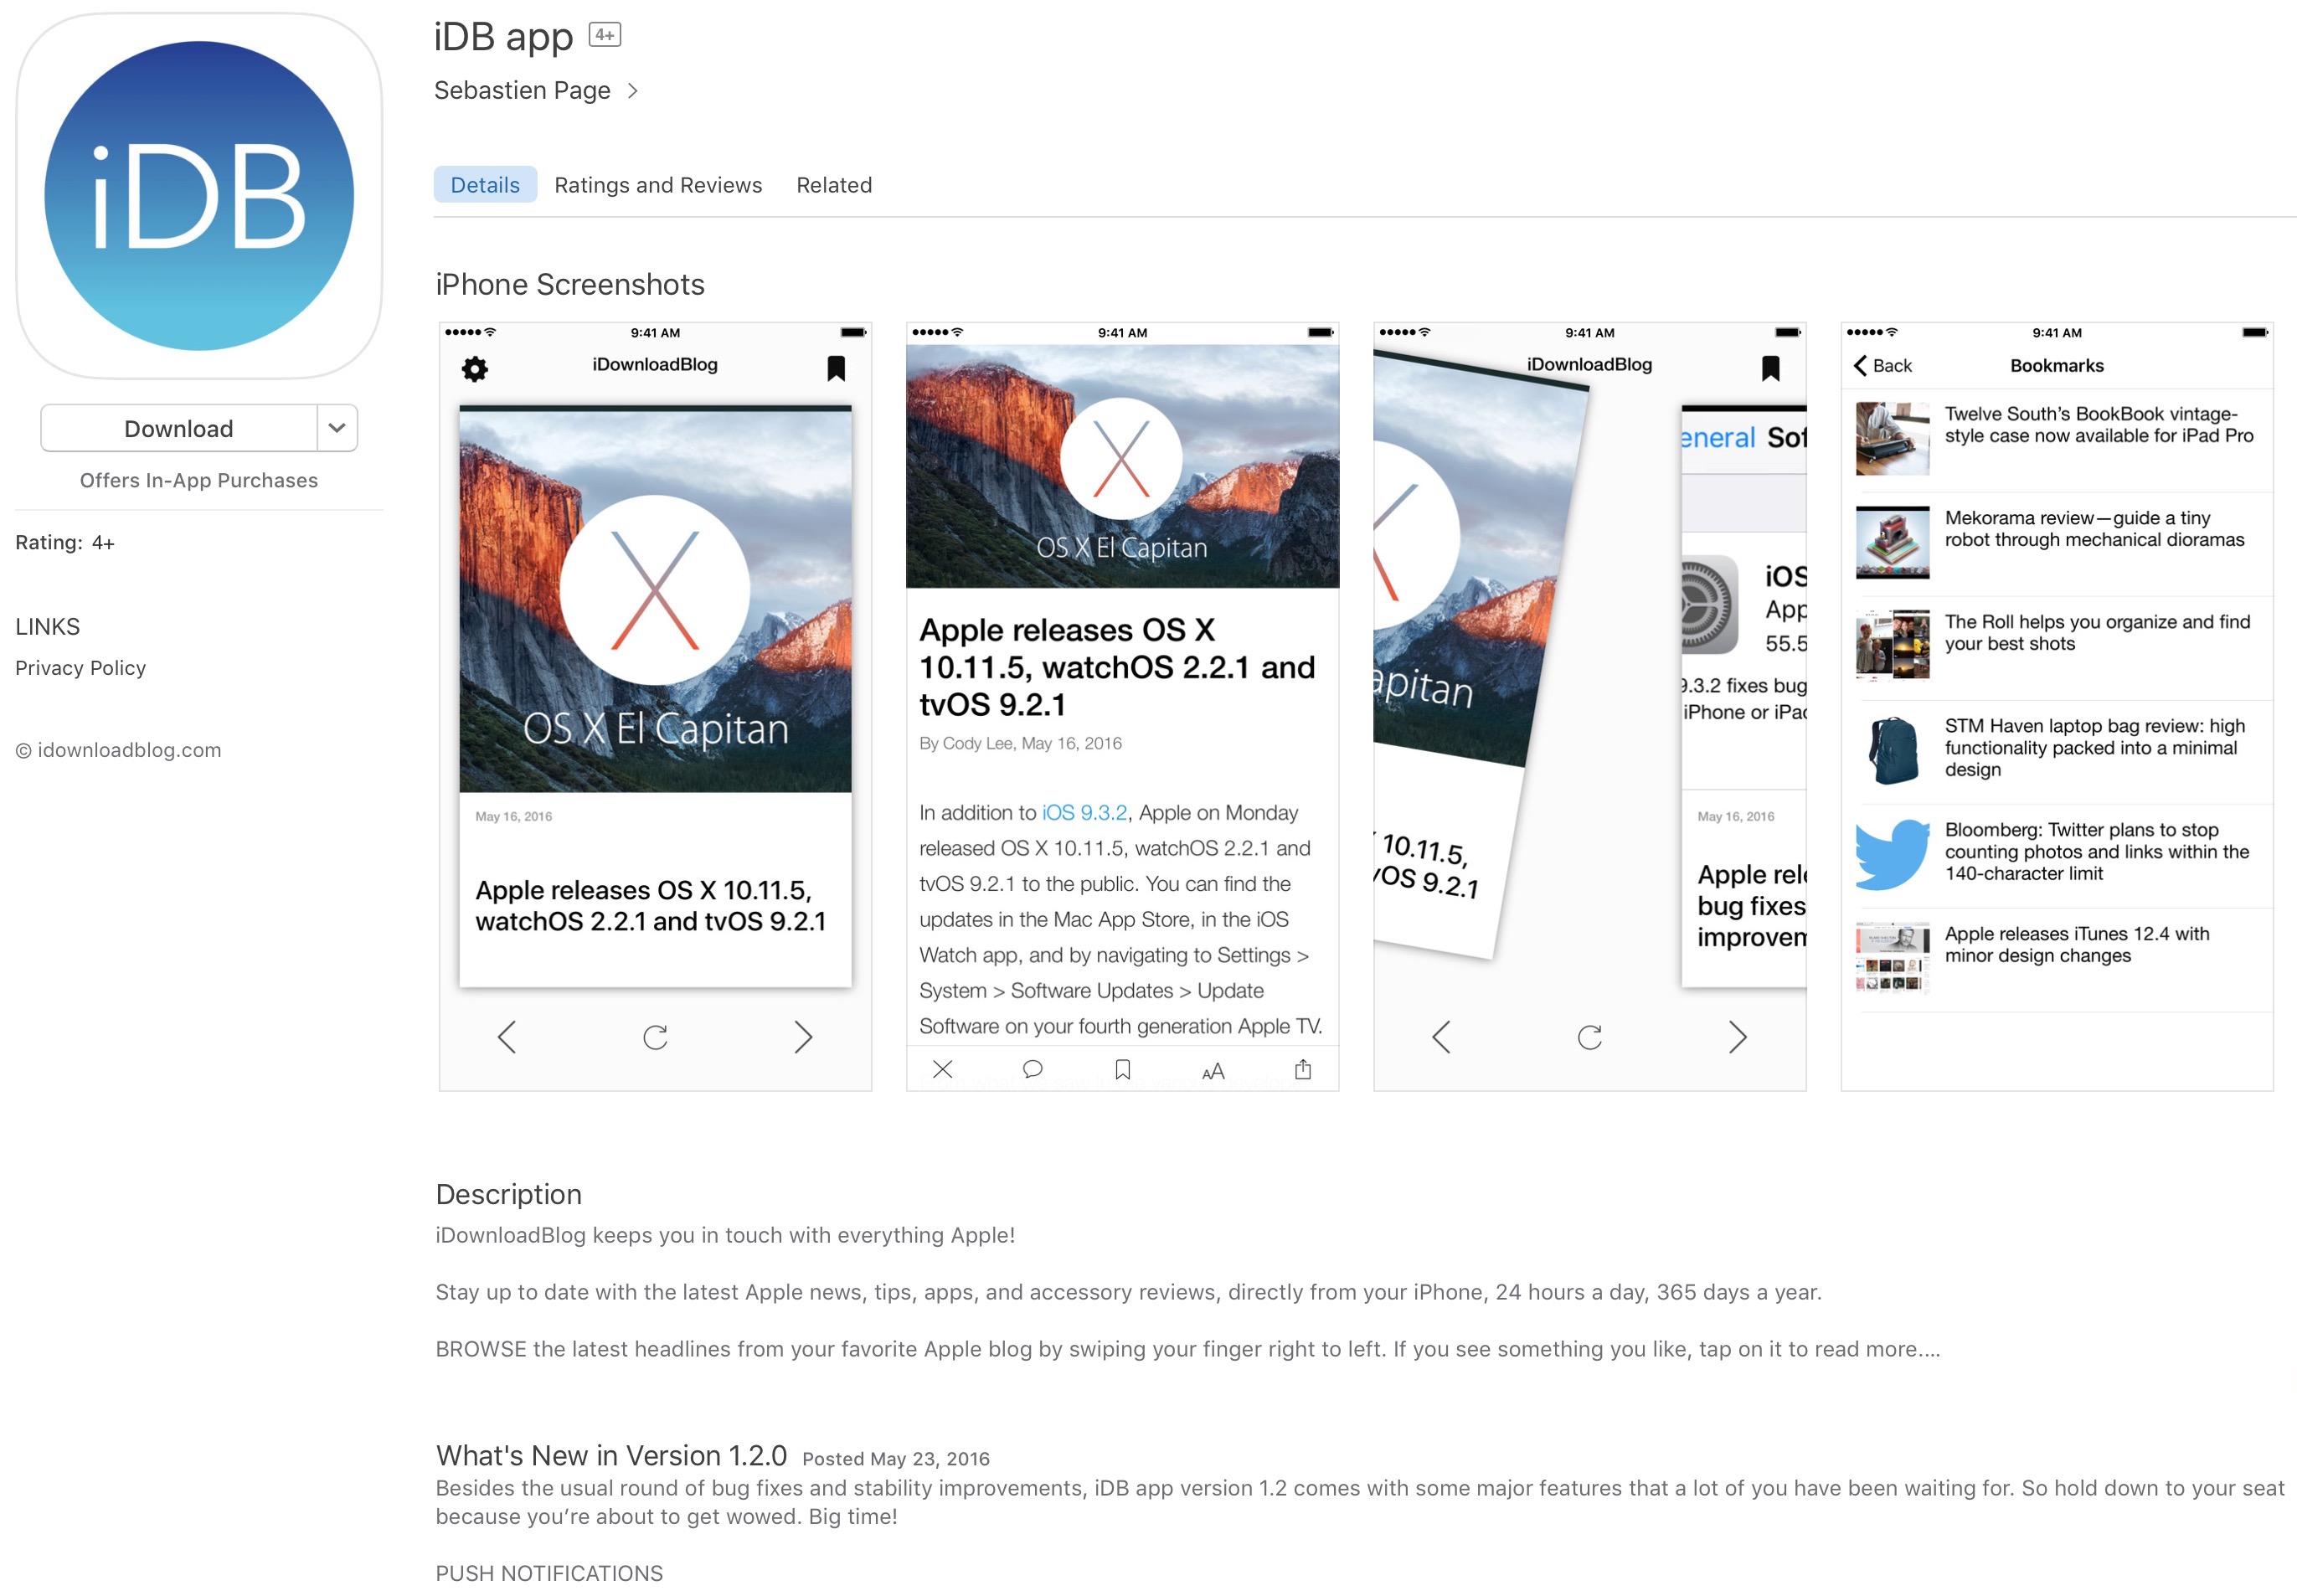 idb app v 1.2